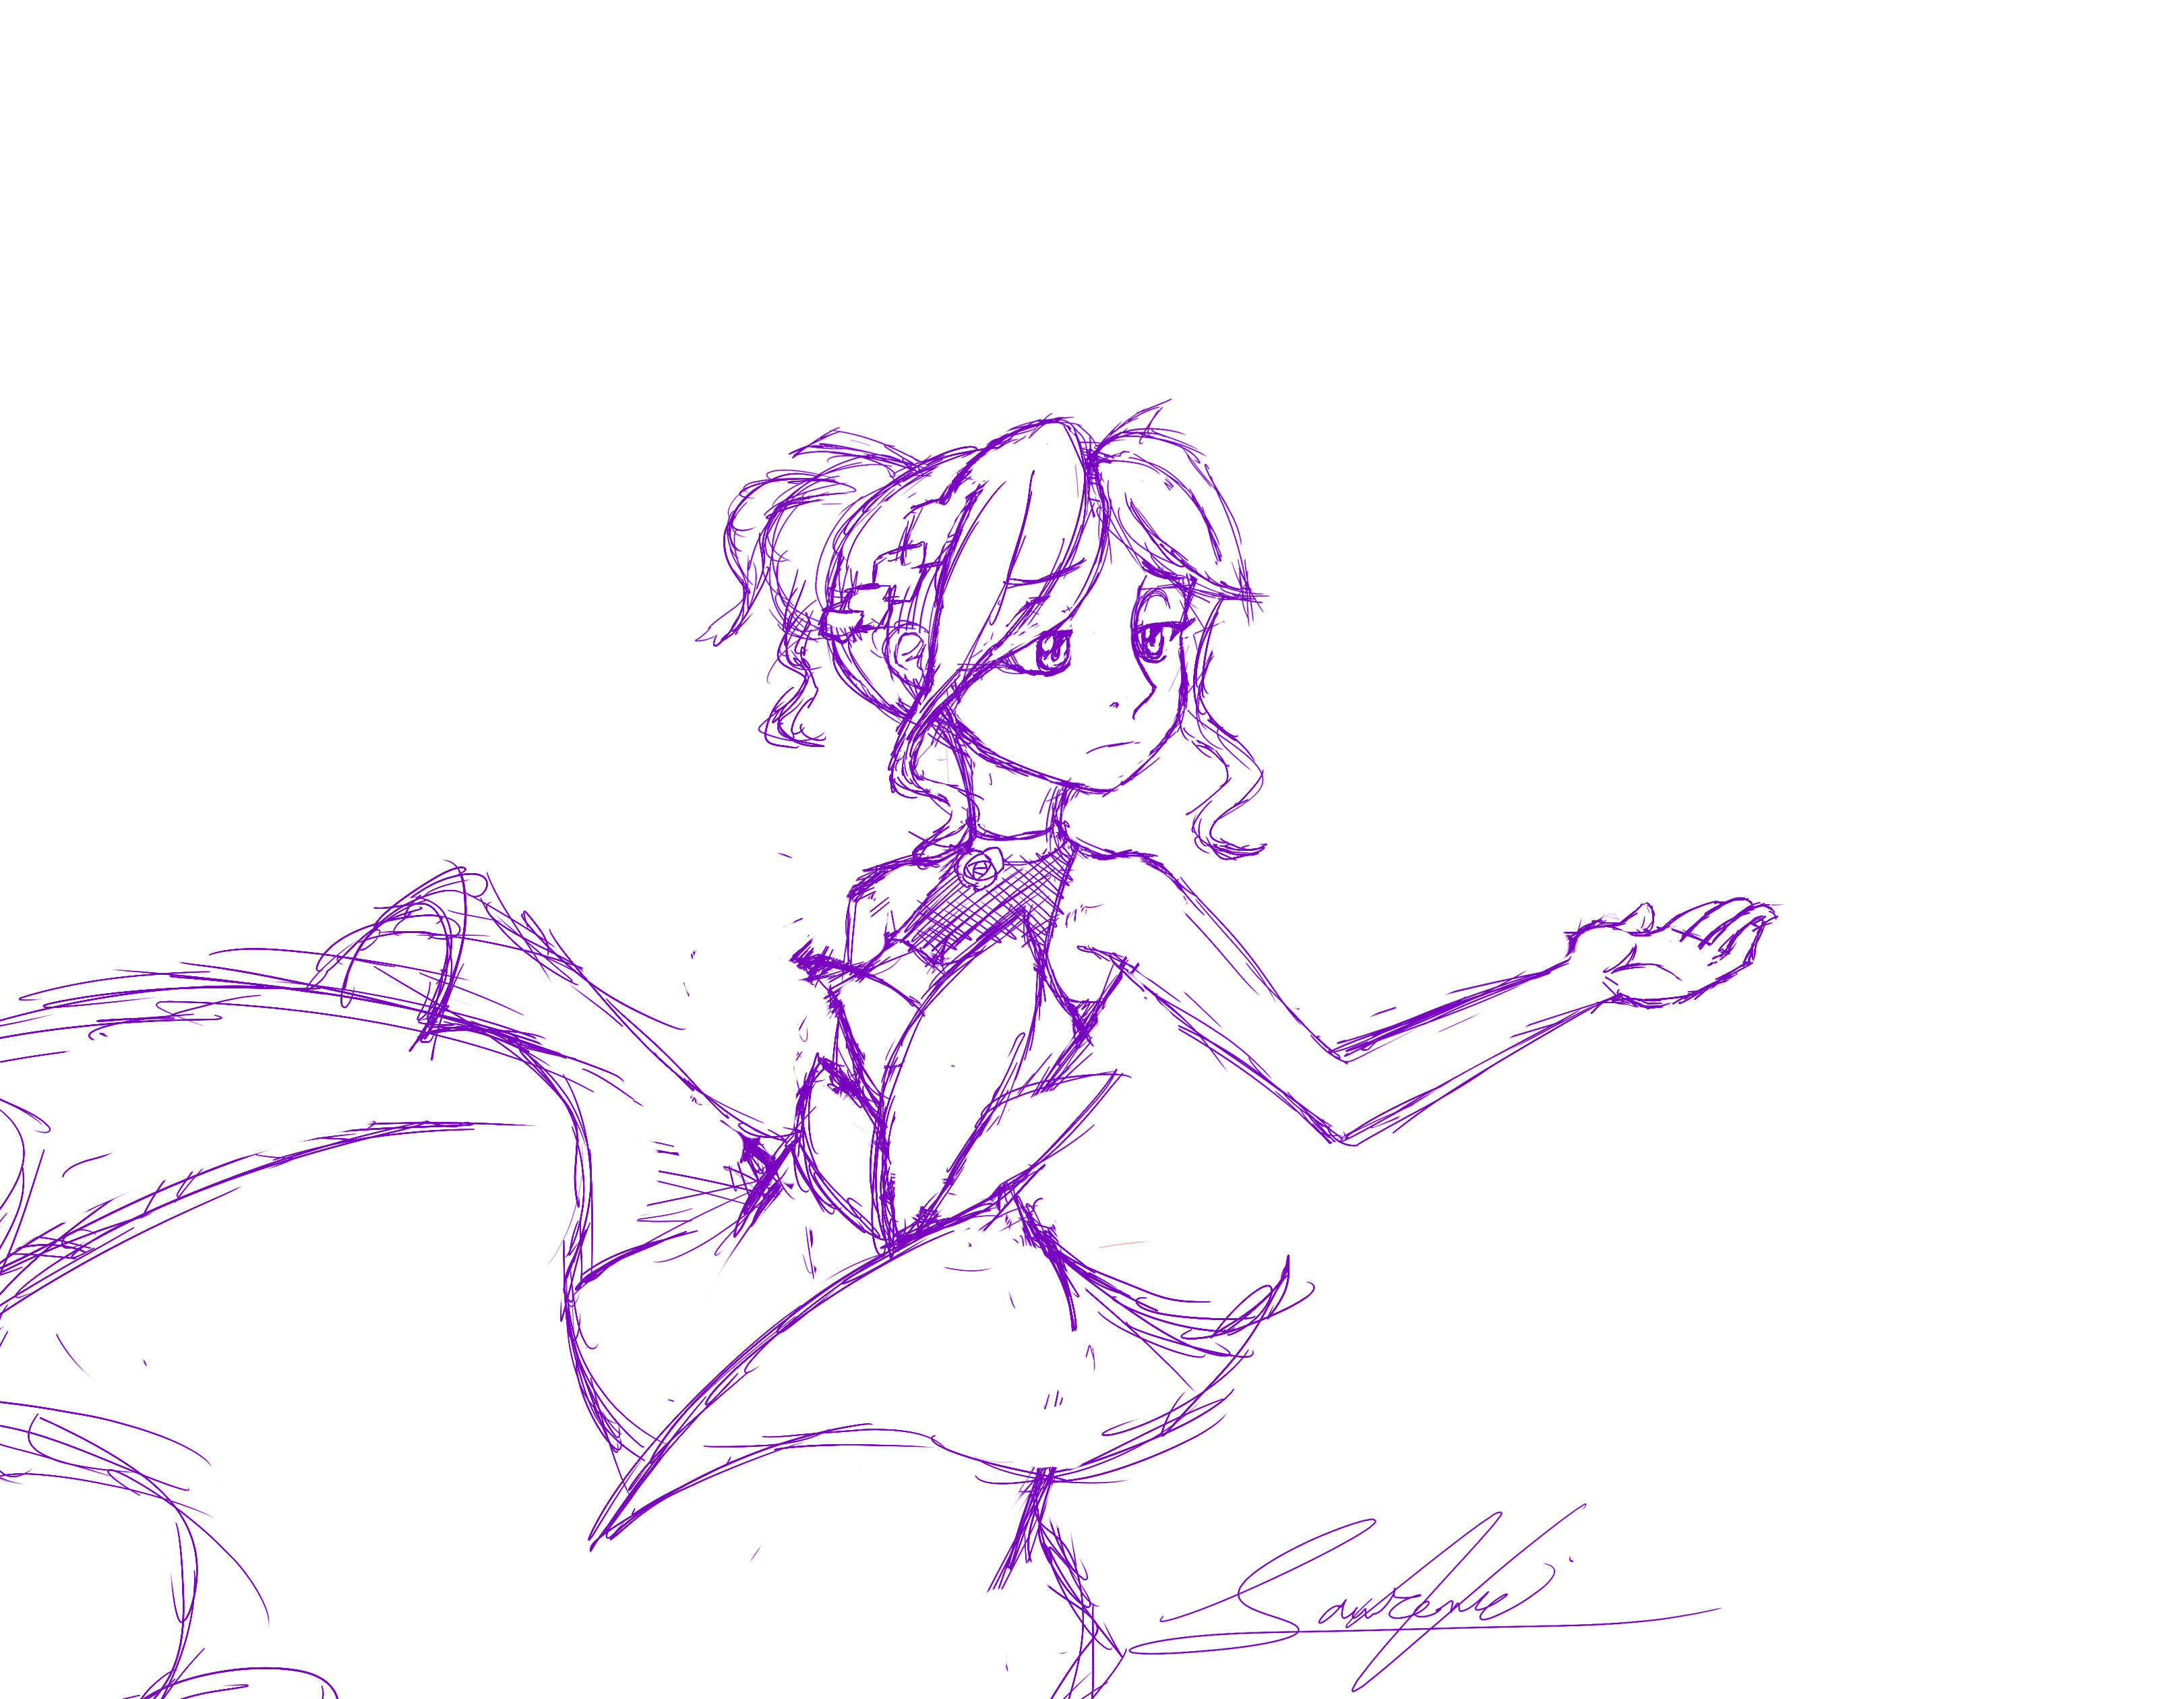 Girl in Dress Sketch